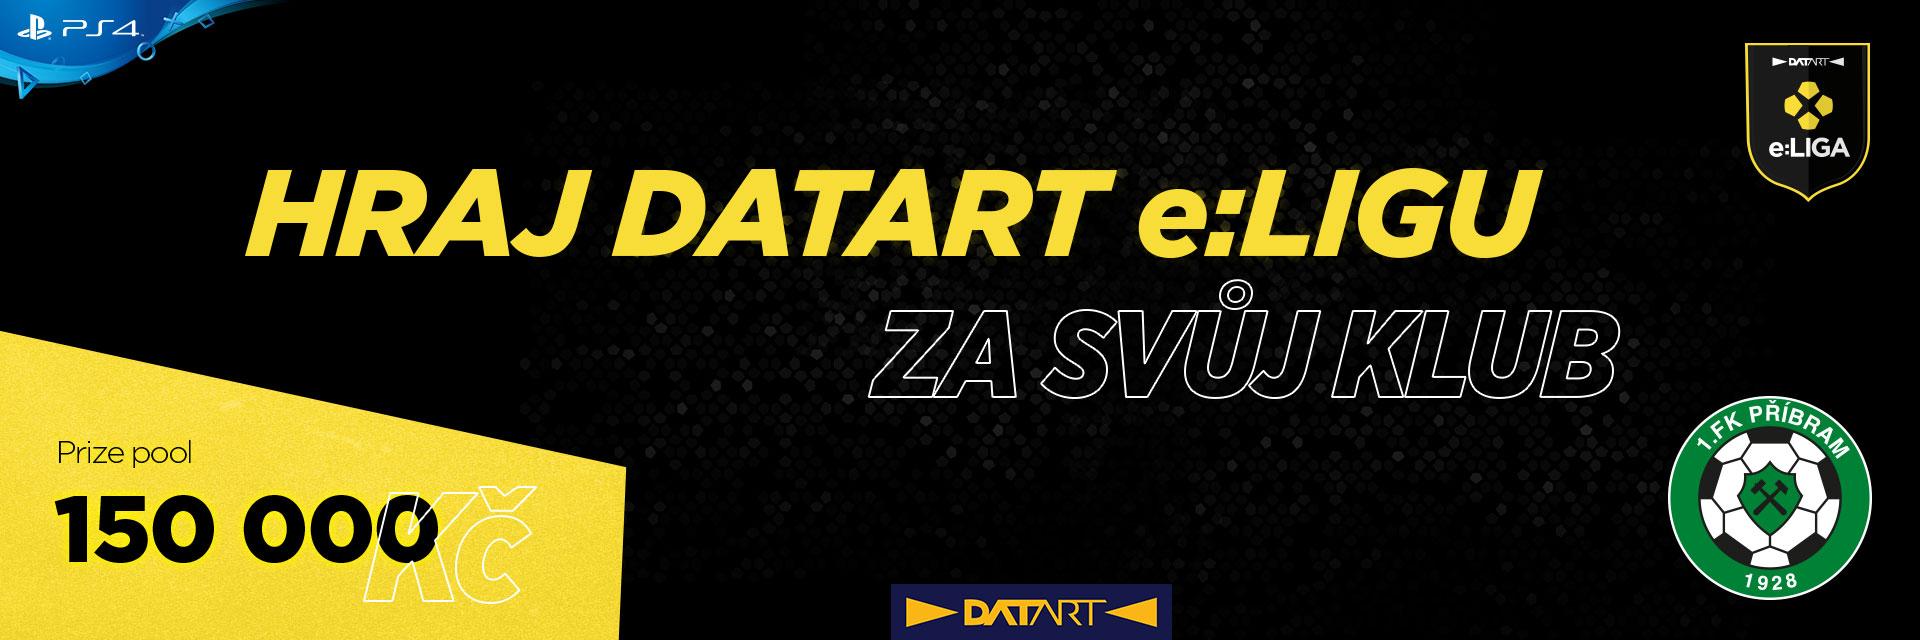 datart-e-liga-semifinale-1-fk-pribram